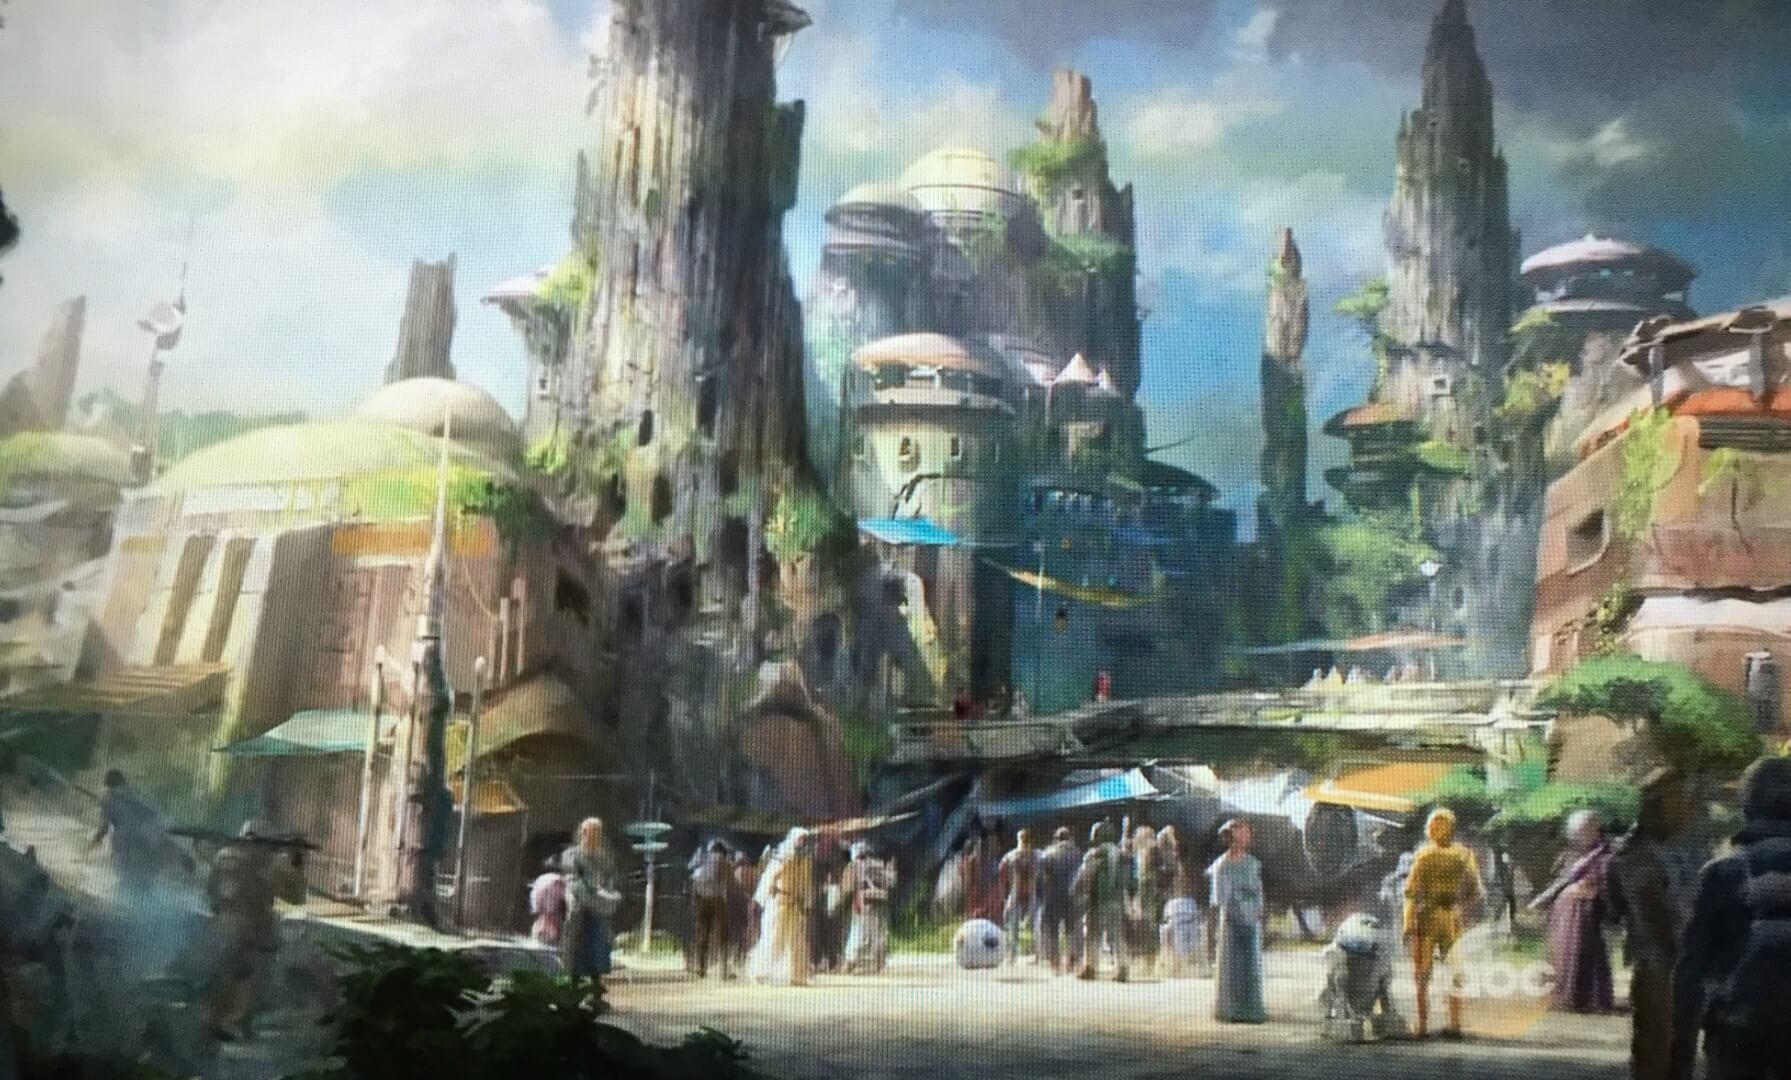 Star Wars land Disneyland Resort -new 2019- Star-Wars-Land-1